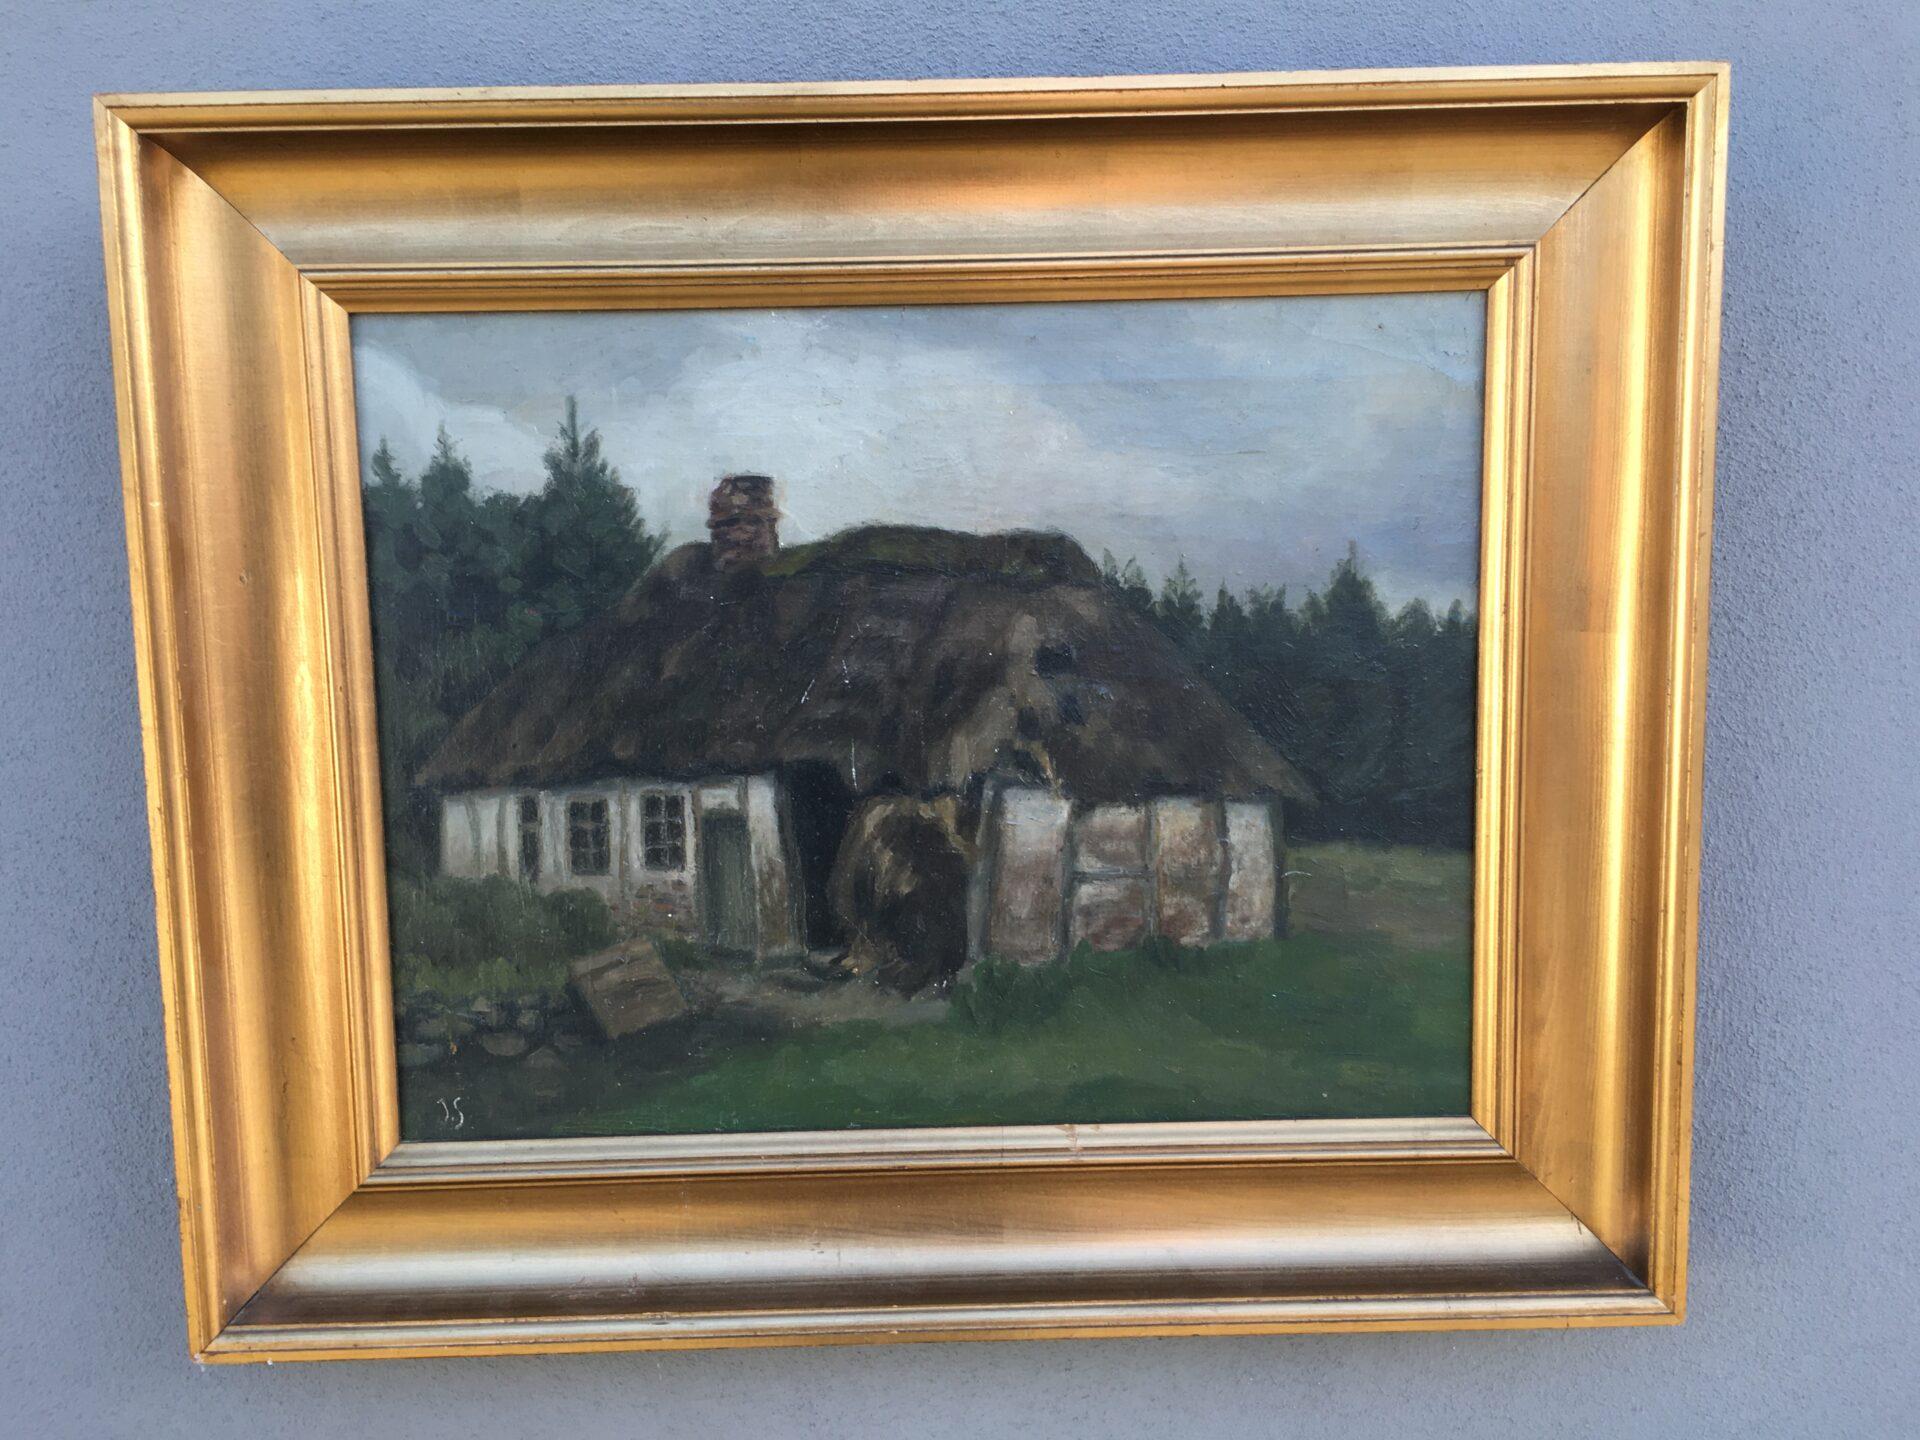 Ældre maleri sign JS (antageligt norsk kunstner), rammemål 50x65 cm, pris 500kr